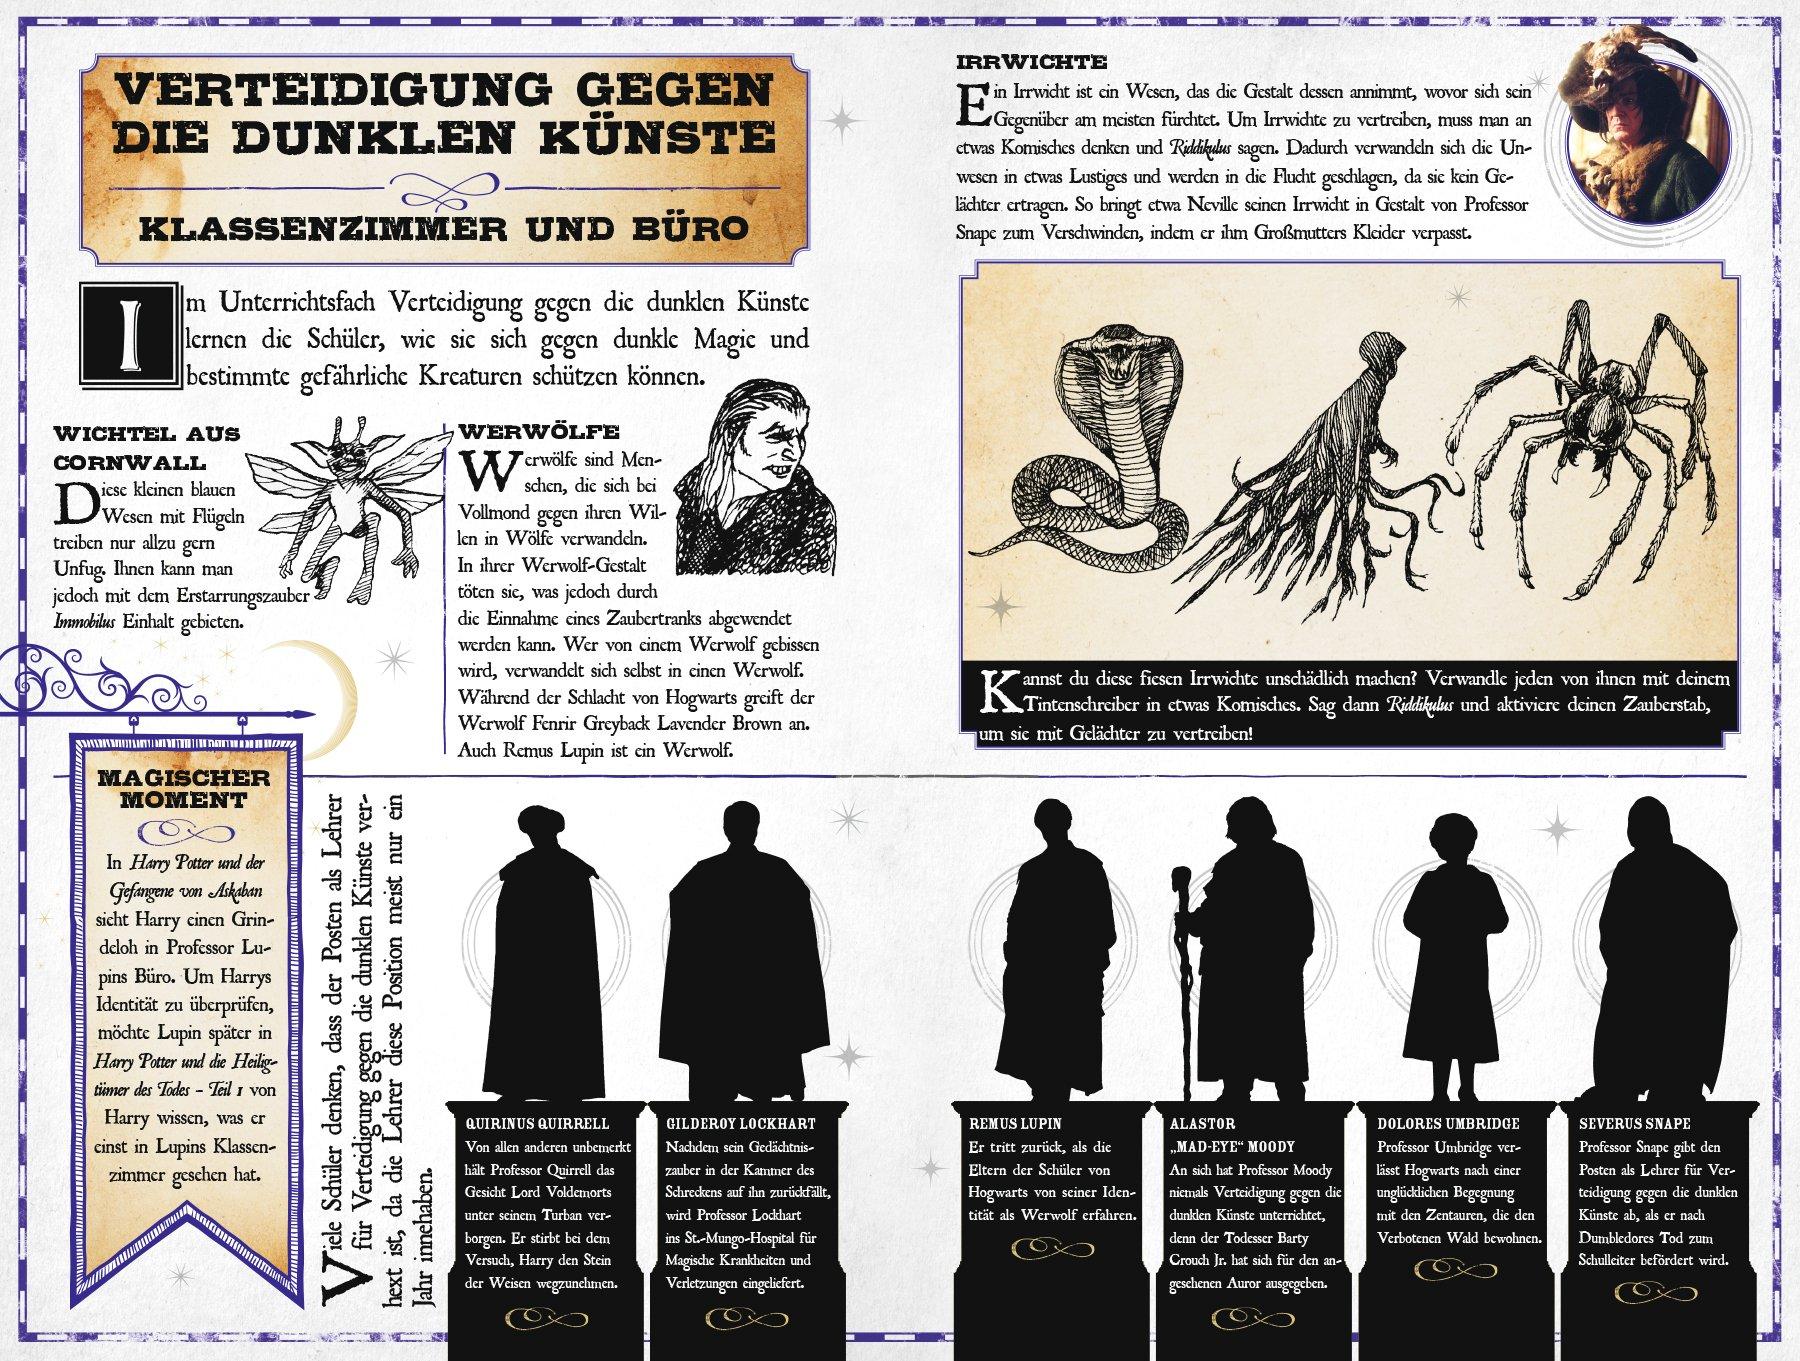 Harry Potter Karte Des Rumtreibers Spruch.Aus Den Filmen Zu Harry Potter Die Karte Des Rumtreibers Eine